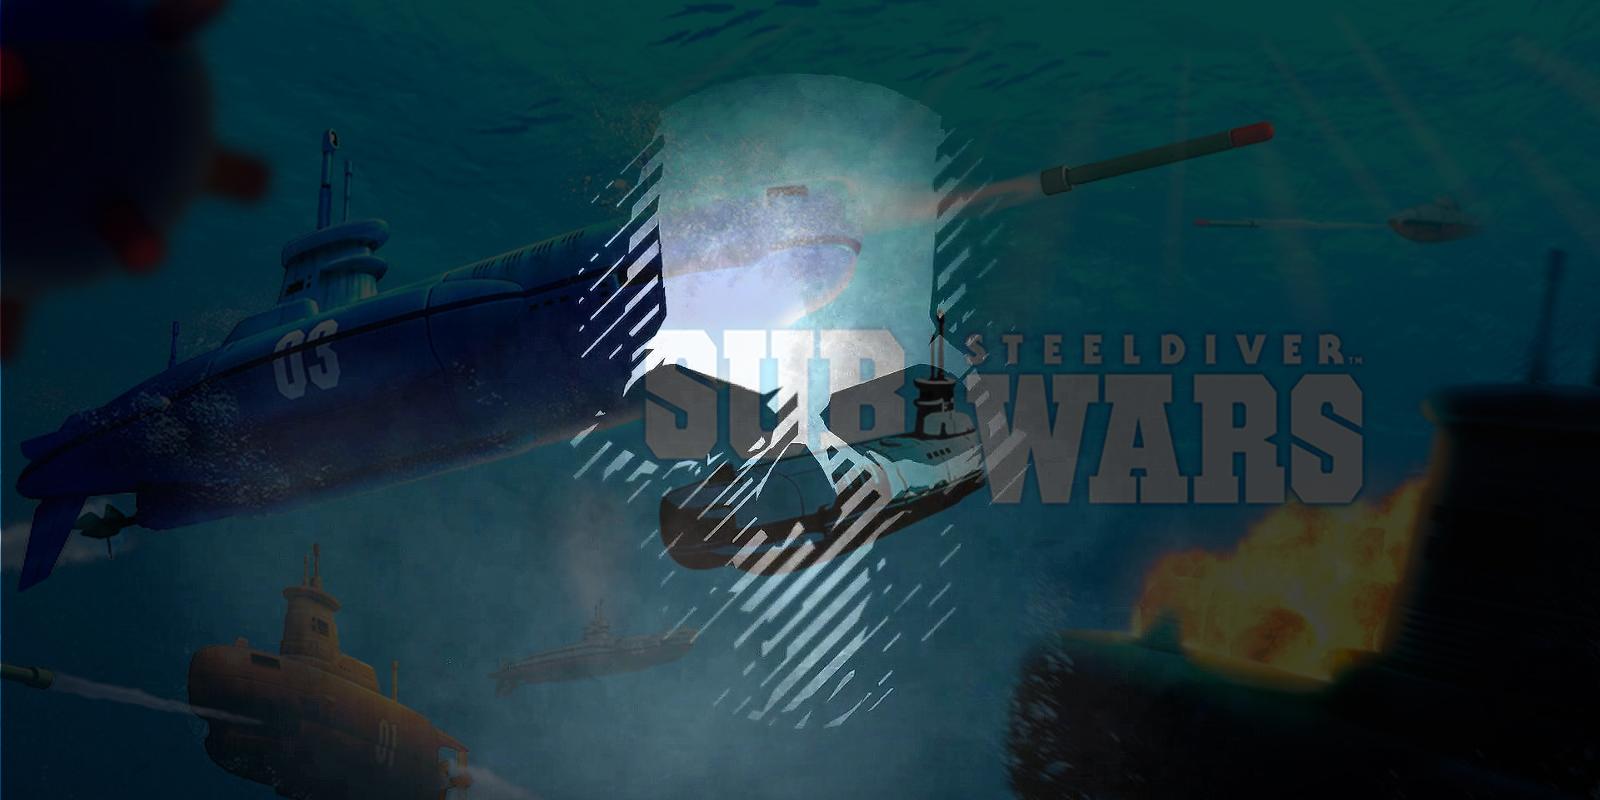 3DS] TUTO Steelminer – Installer Steelhax pour lancer des homebrews